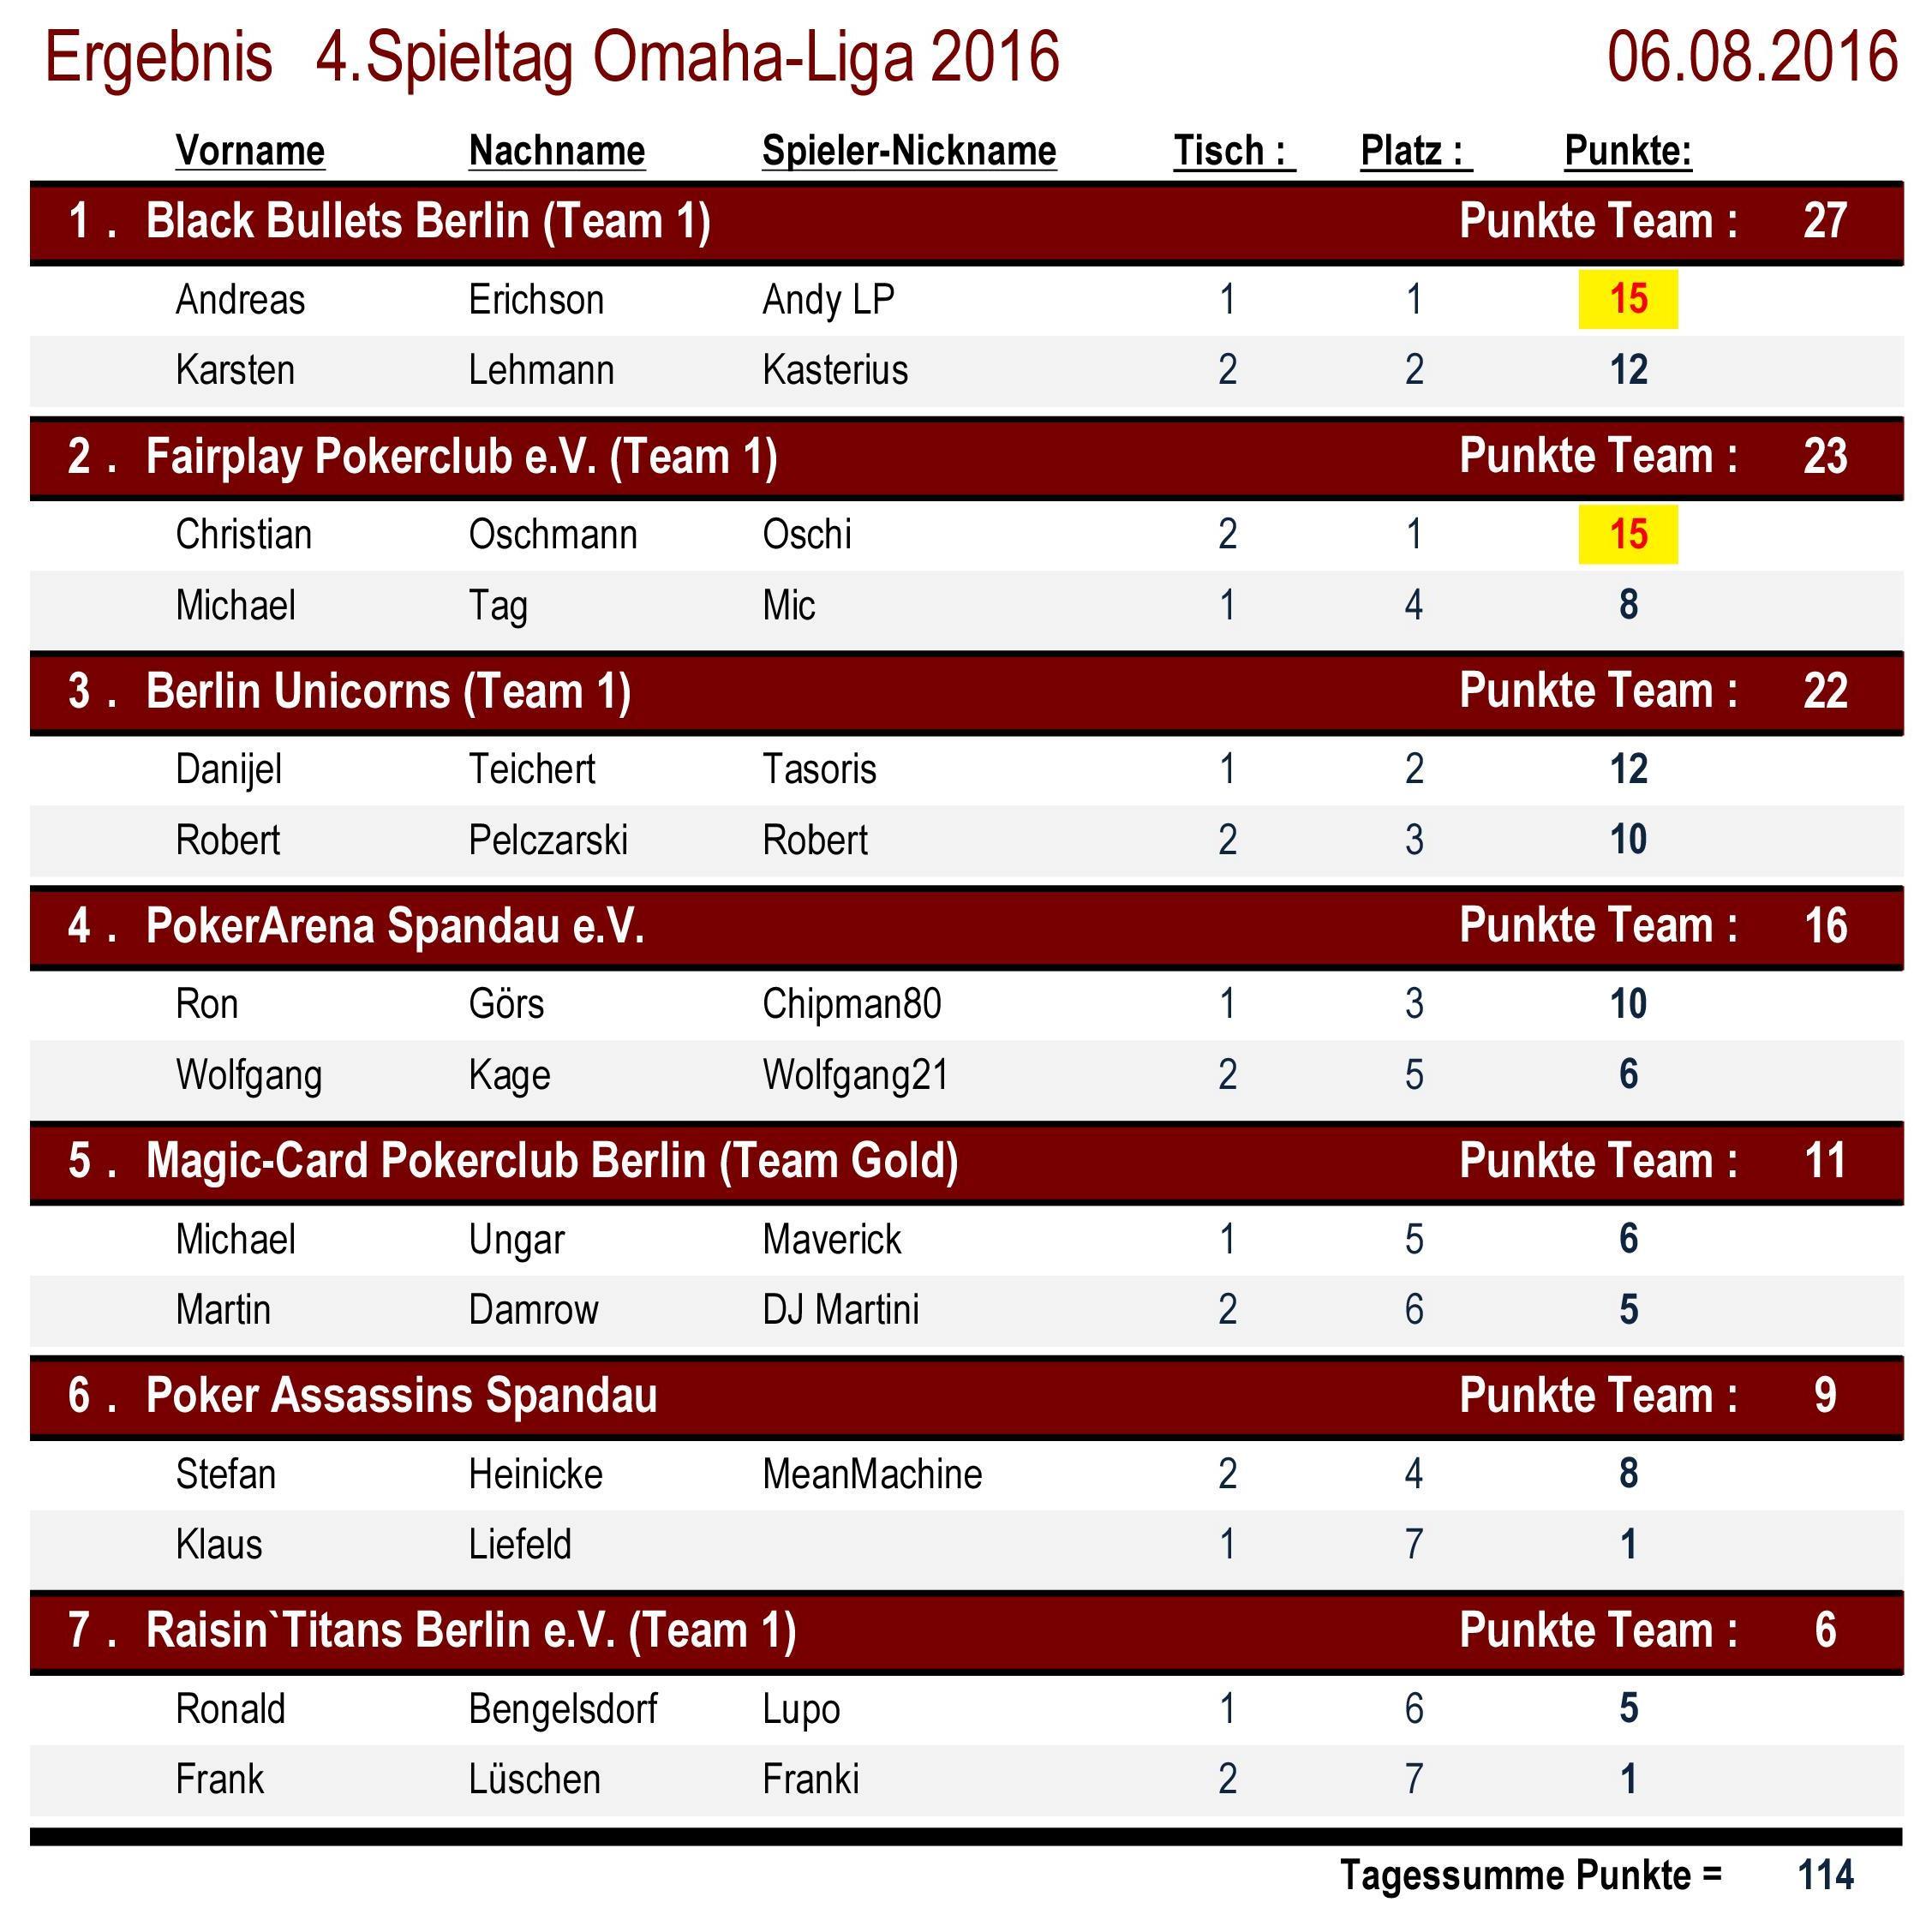 Platzierungen 4.Spieltag OMAHA-Liga 2016